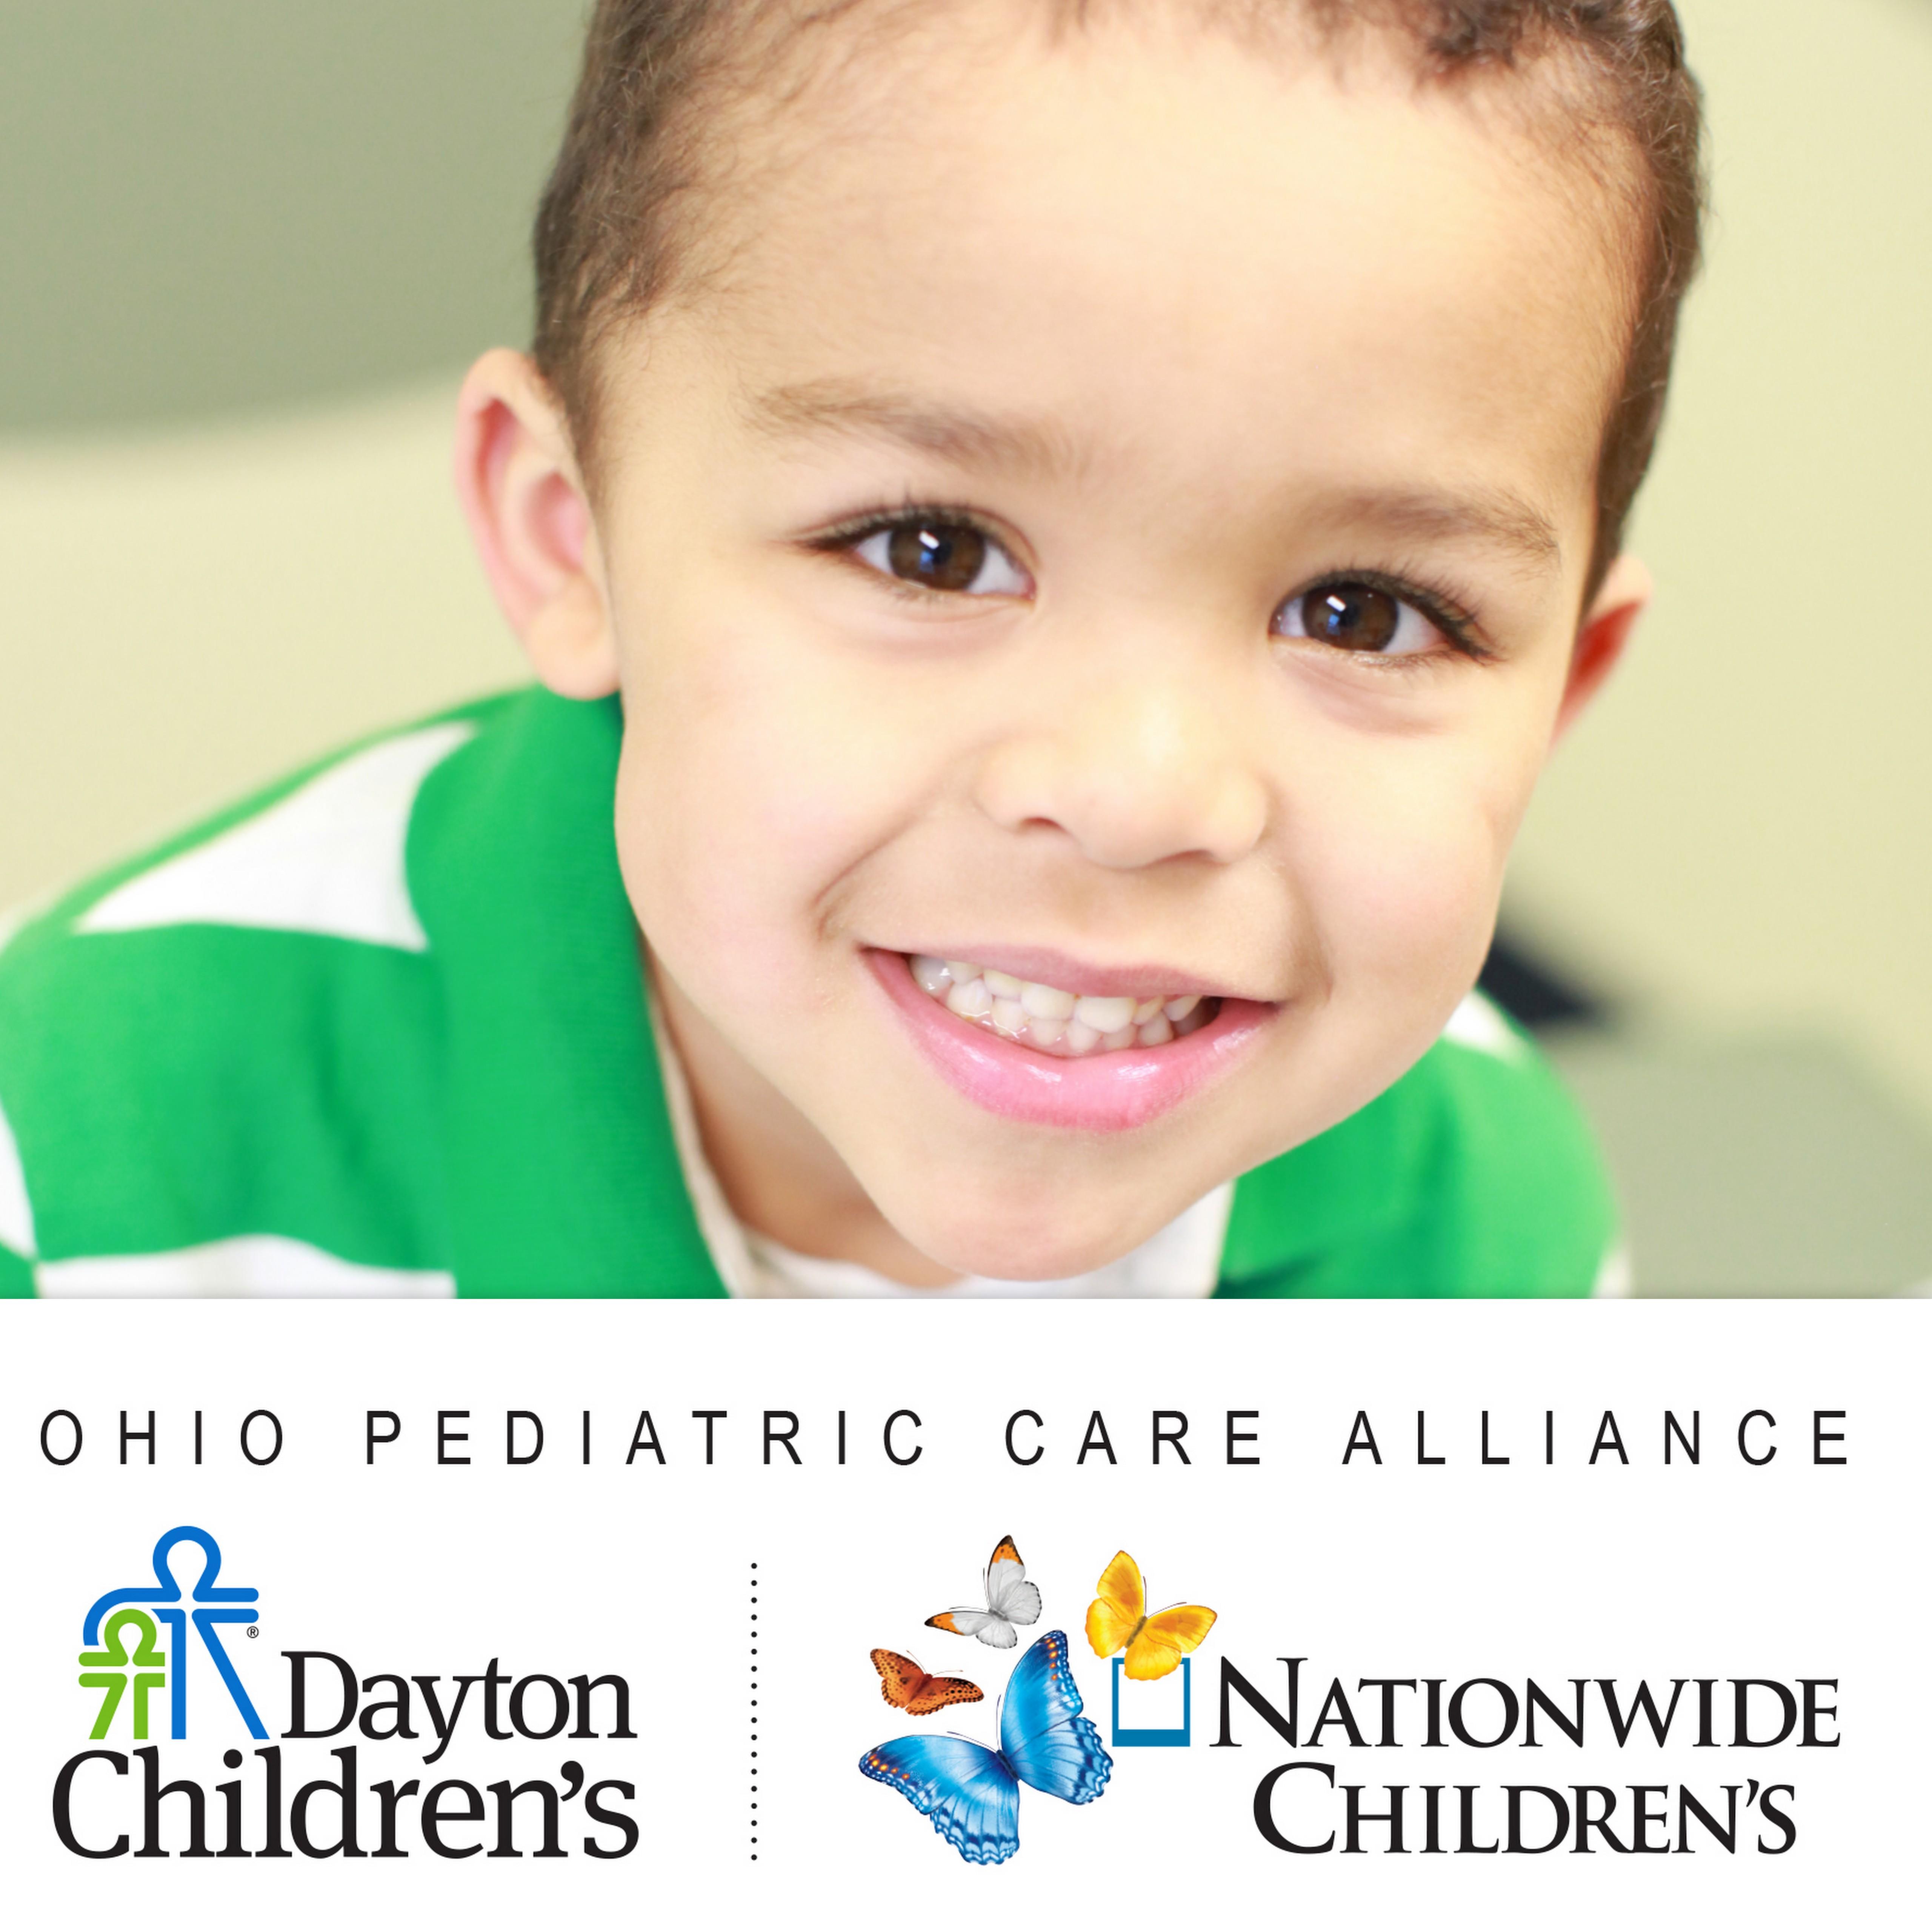 Children S: Dayton Children's And Nationwide Children's Form Ohio